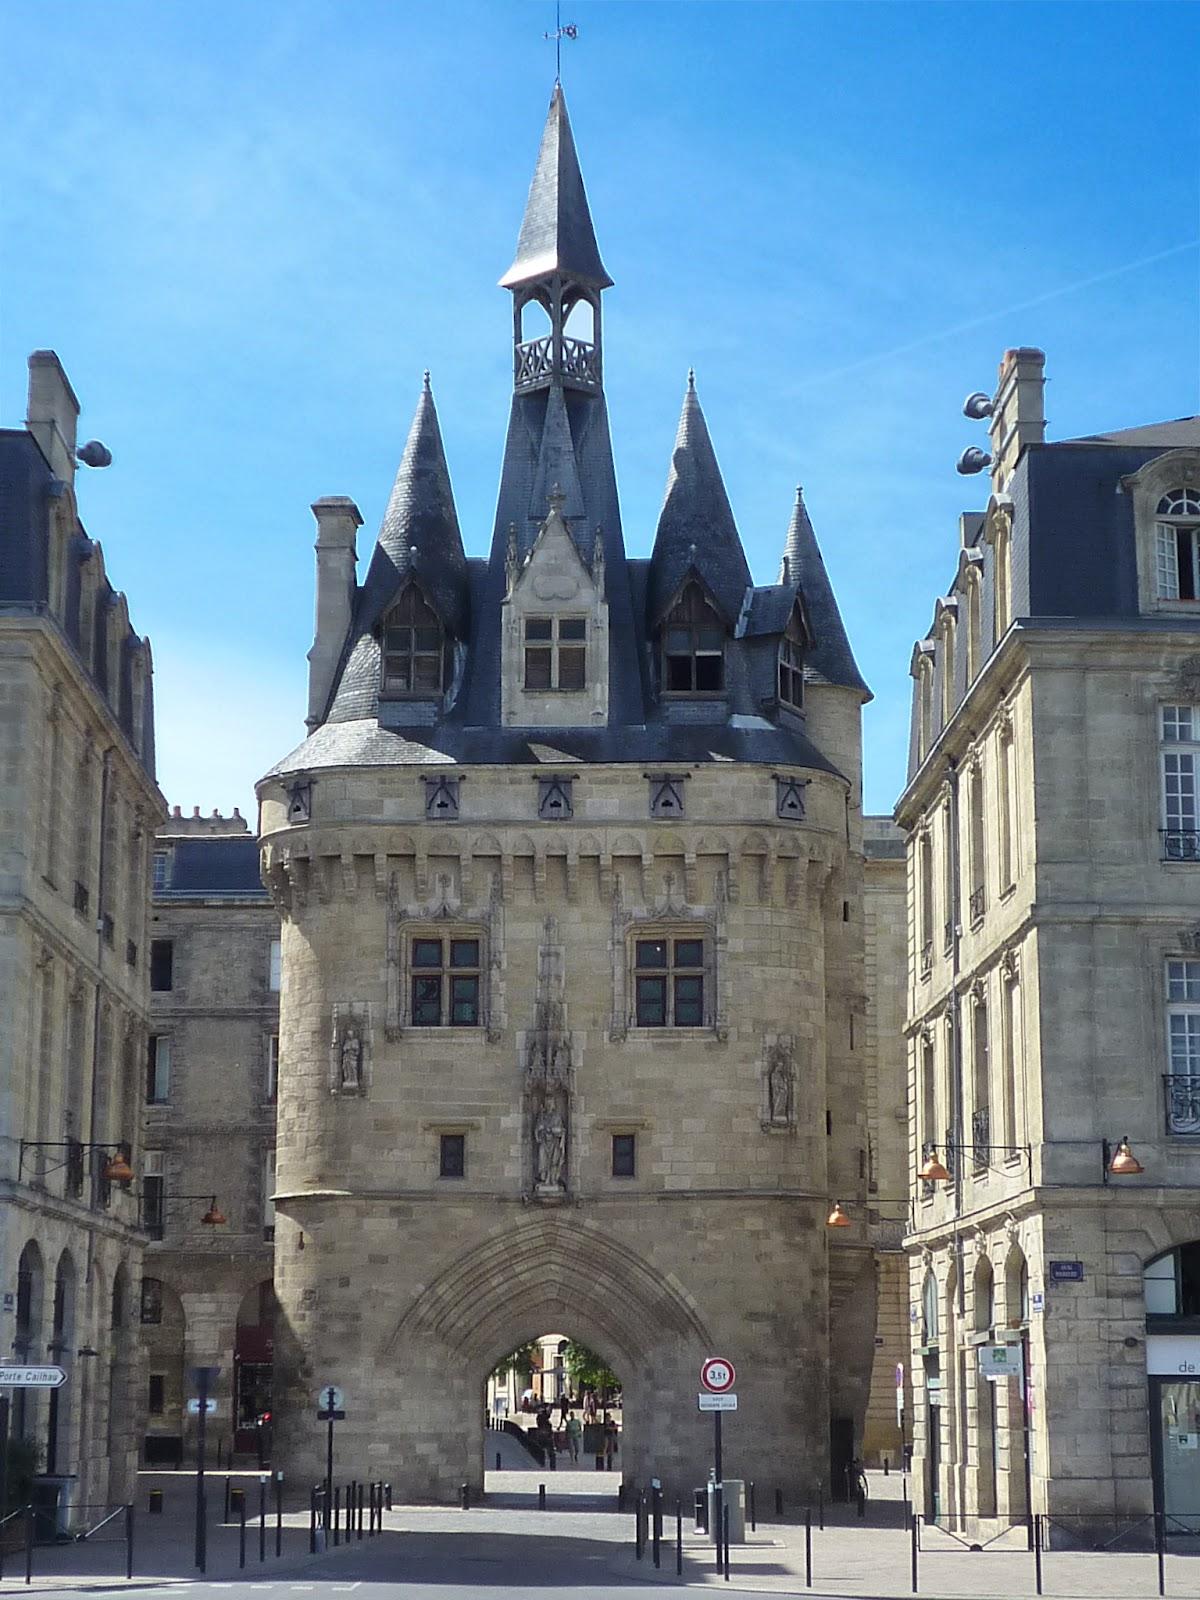 Bordeaux sites monuments porte cailhau cailhau gate for Porte cailhau